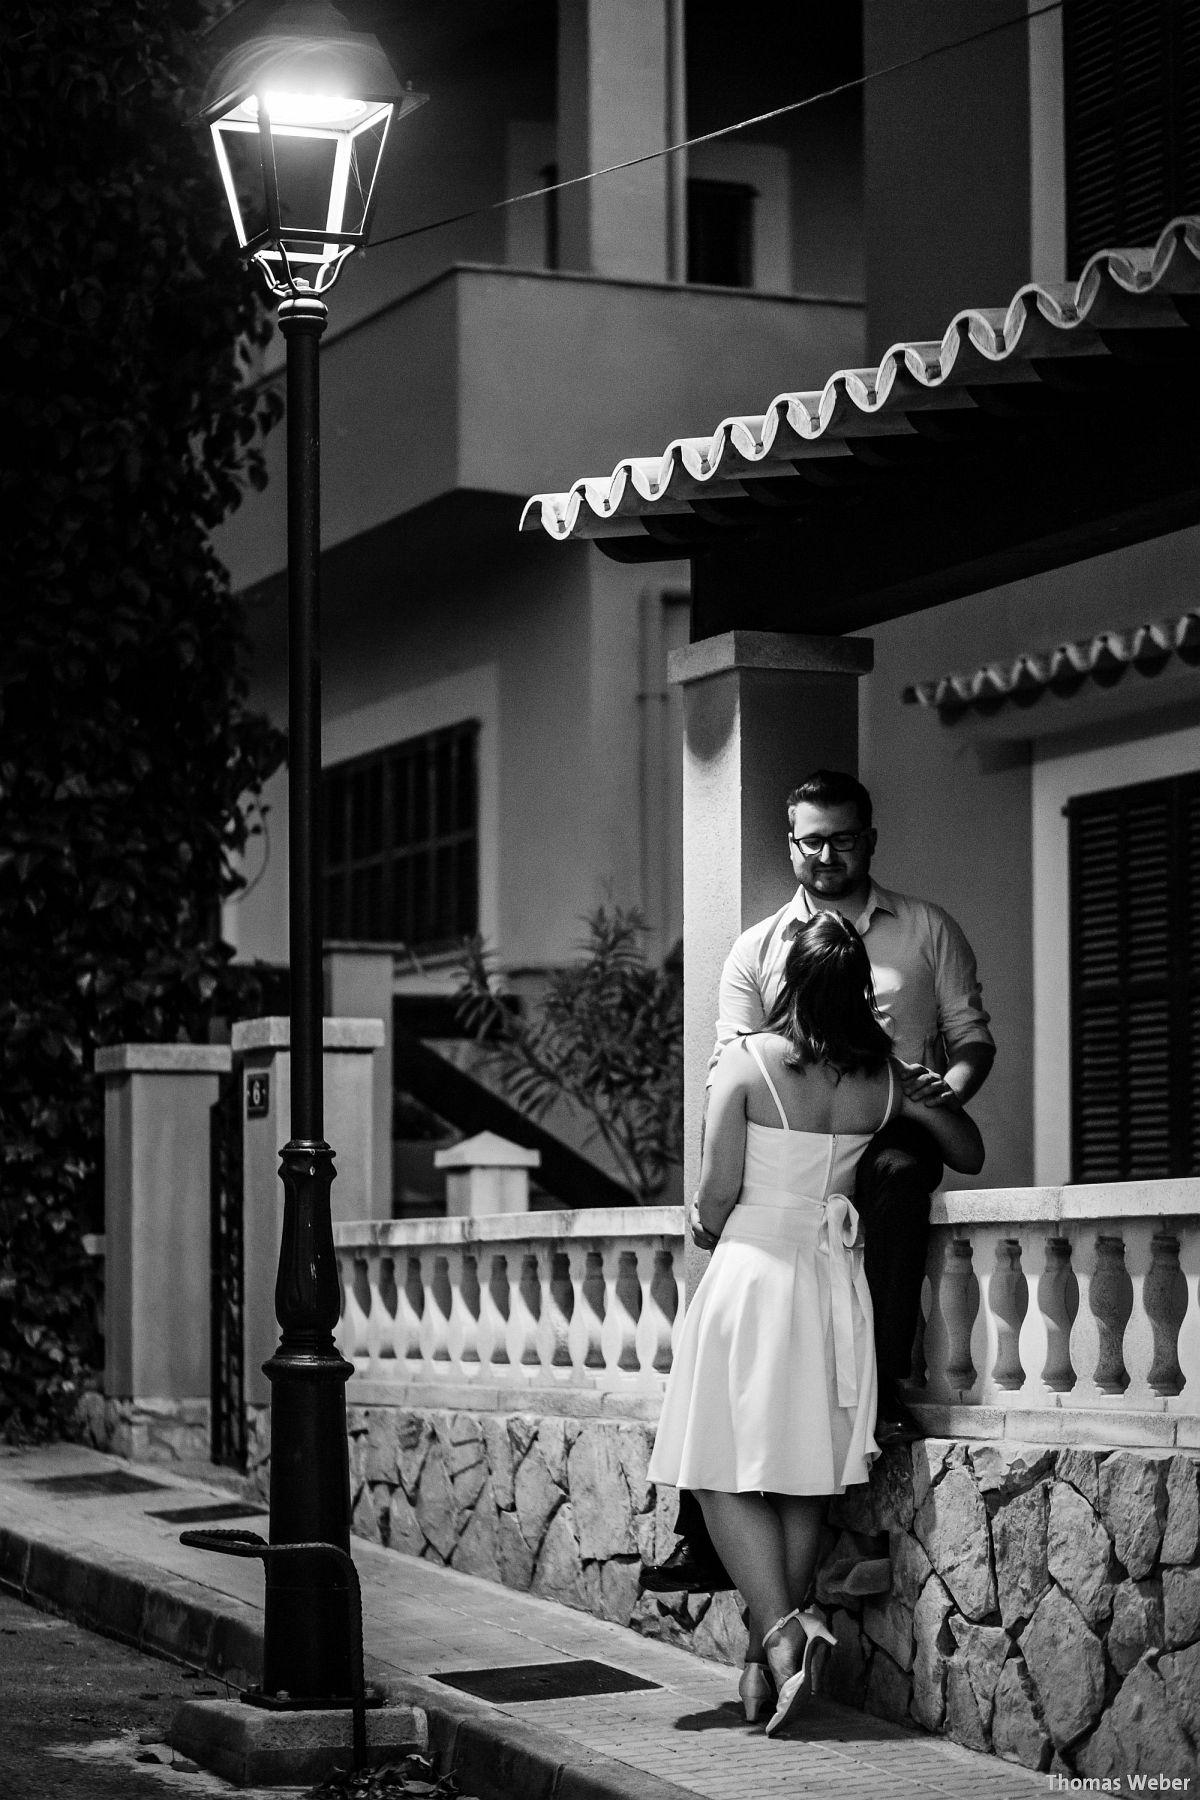 Hochzeitsfotograf Thomas Weber aus Oldenburg: Hochzeitsfotos und Paarfotos auf Mallorca (46)